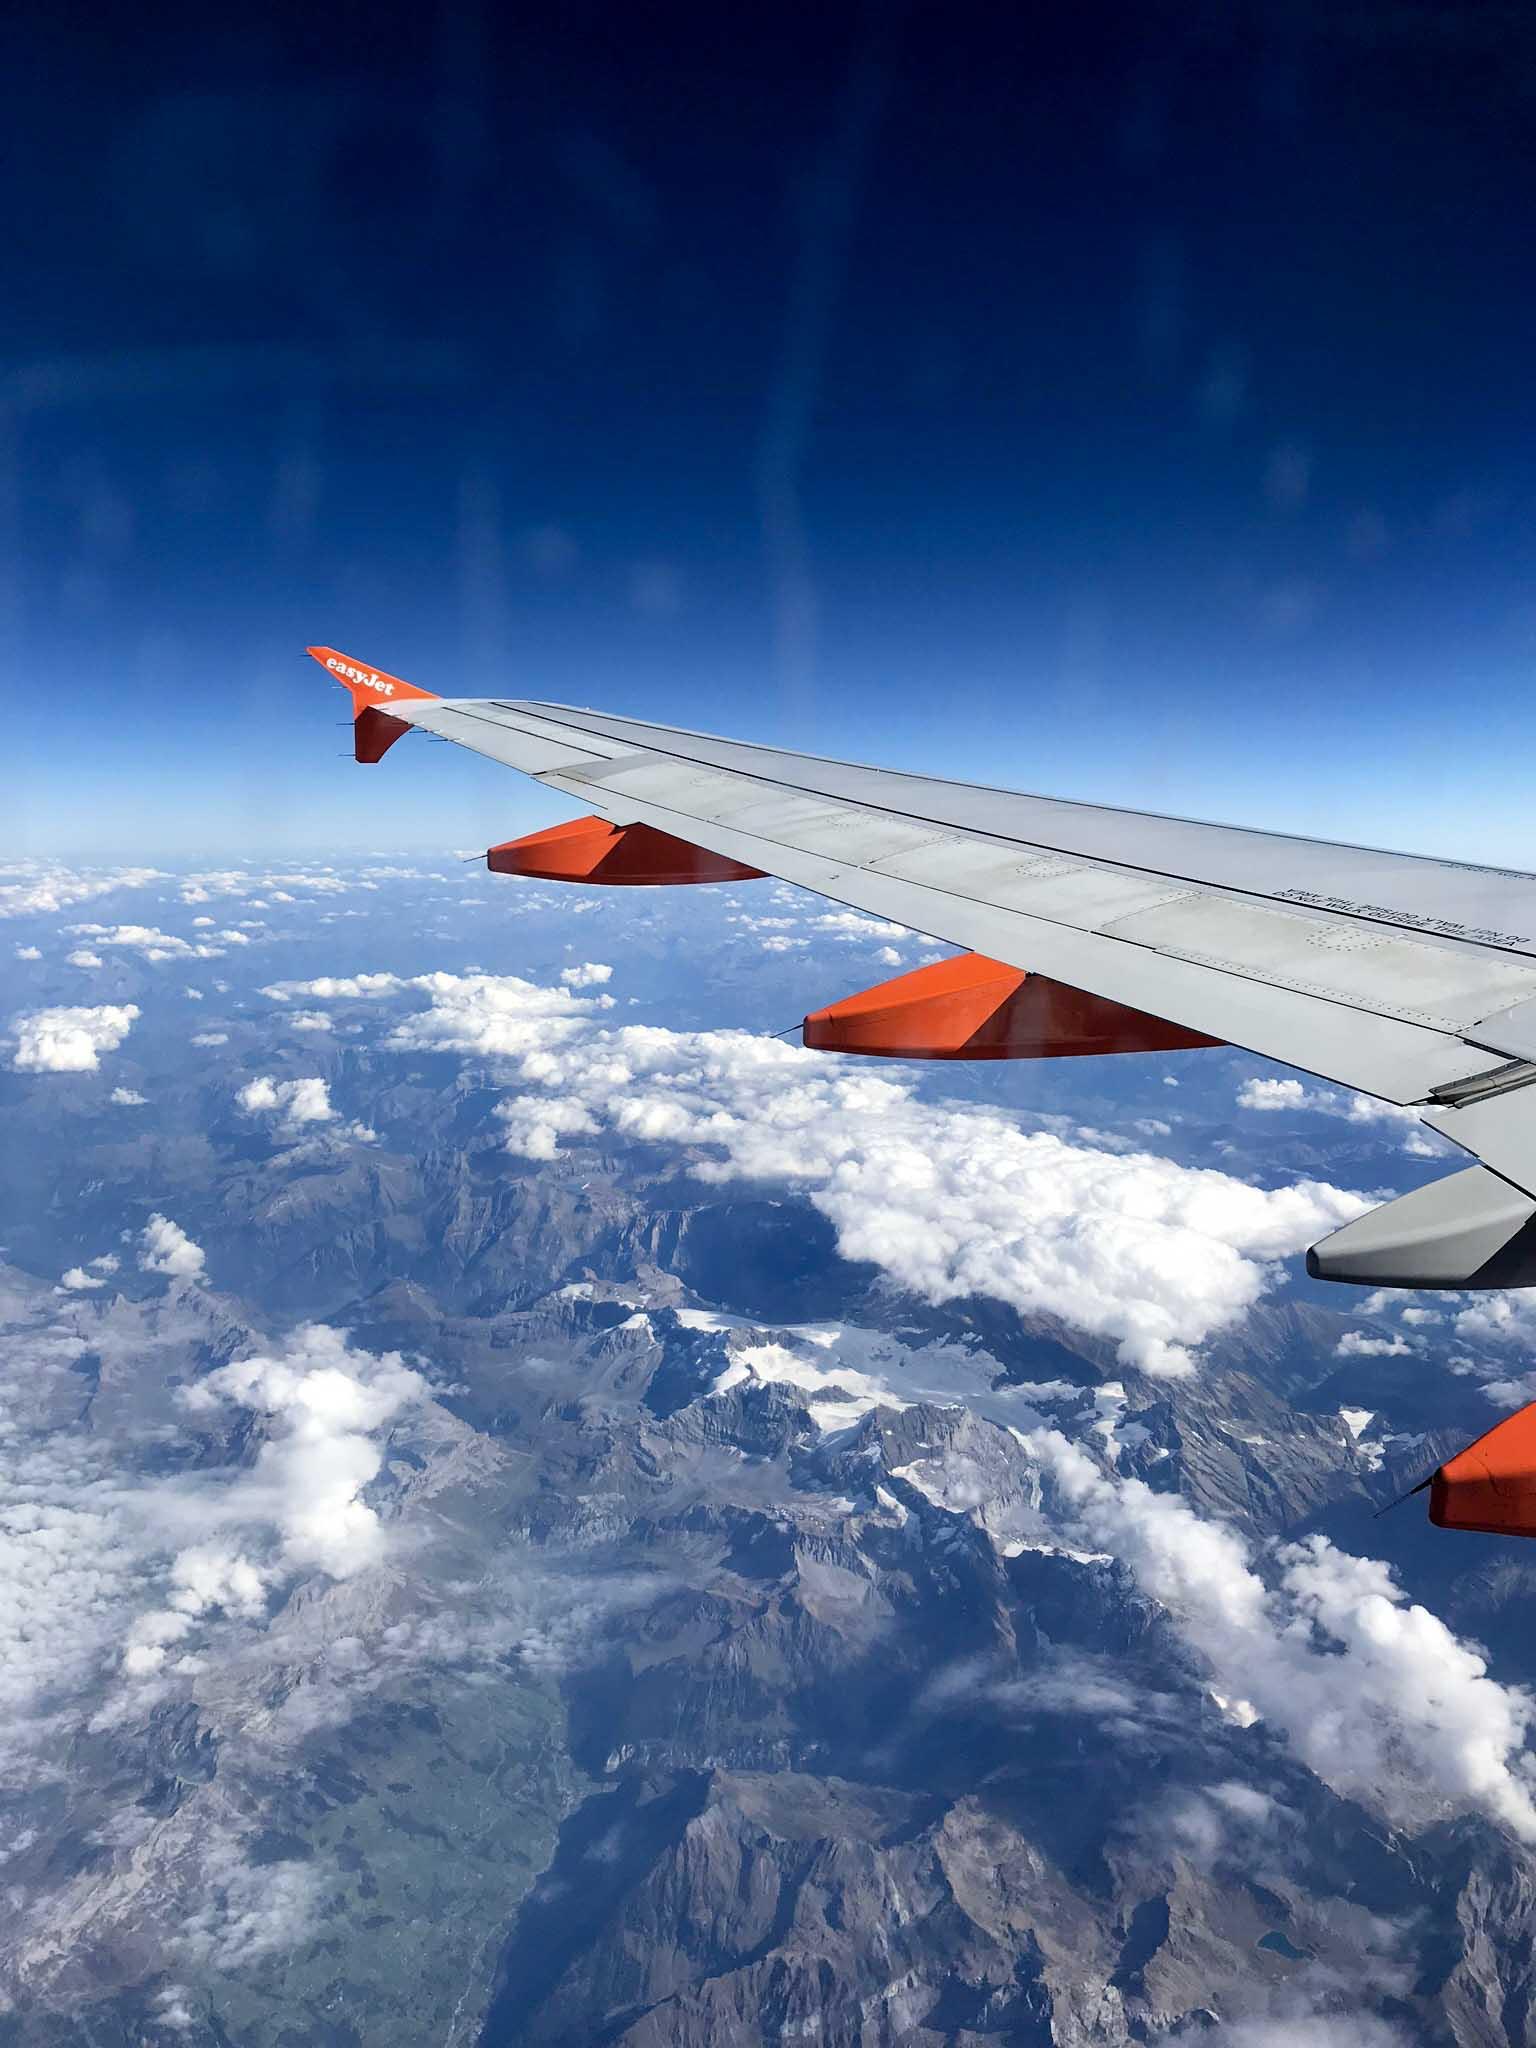 Mit easyjet von Amsterdam nach Olbia